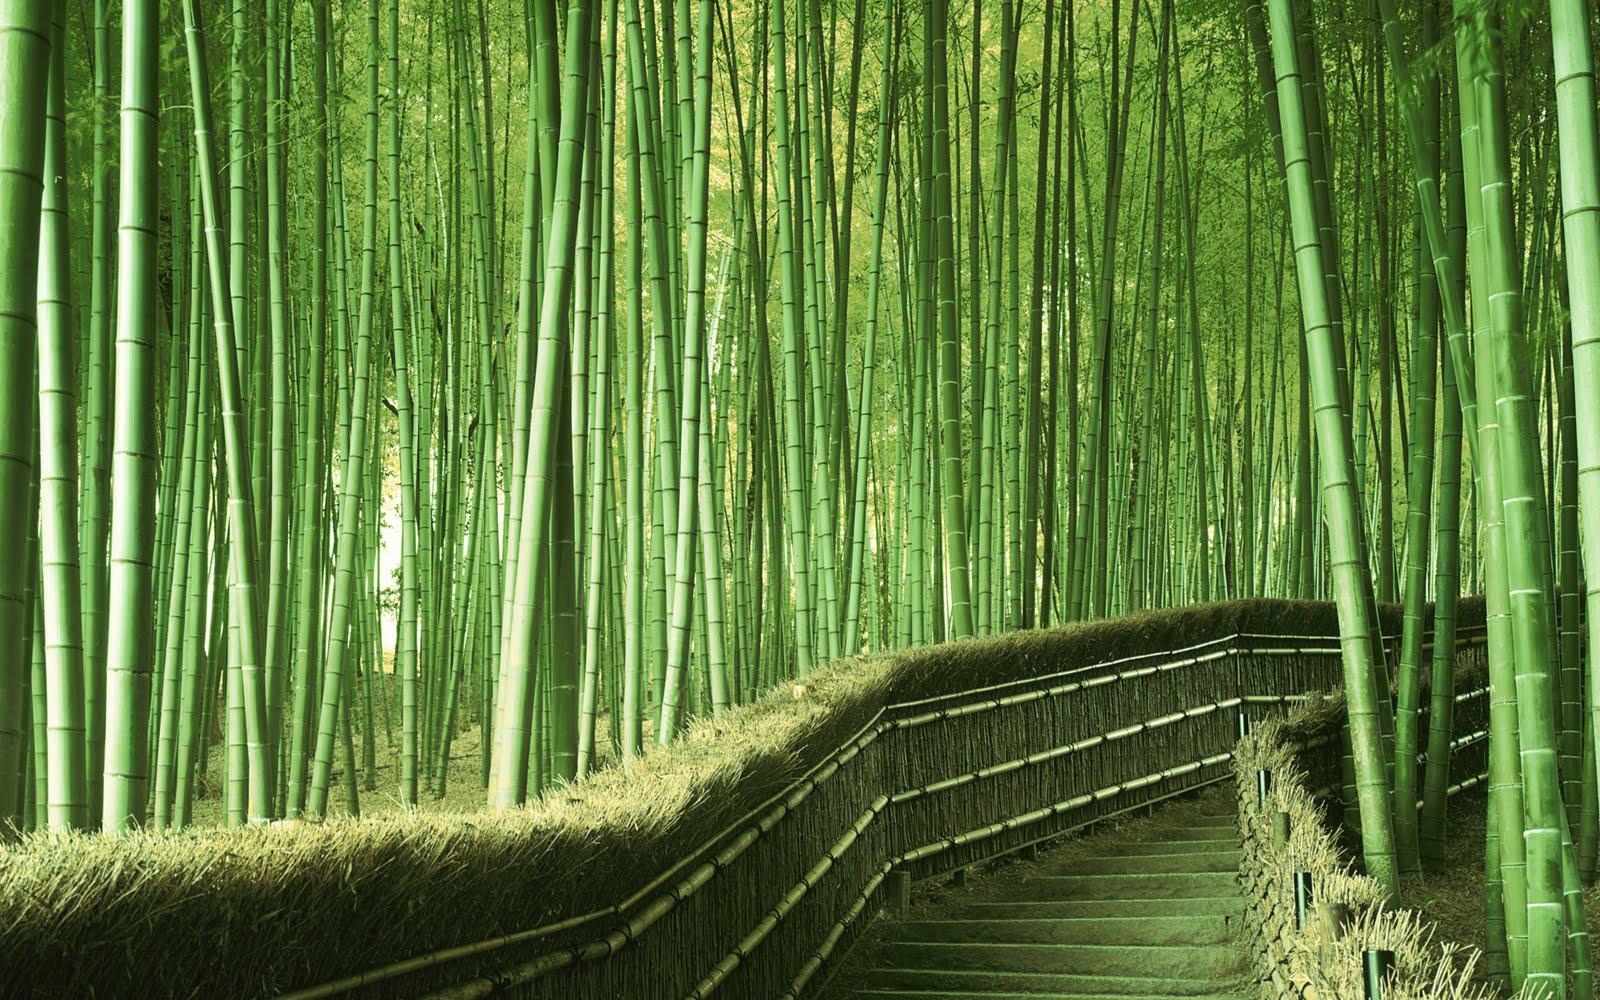 http://4.bp.blogspot.com/-m1ZrT6NroVQ/Tii1c8nmpRI/AAAAAAAACSI/vKSNJJAdZlI/s1600/bamboo_hd_wallpaper_.jpg